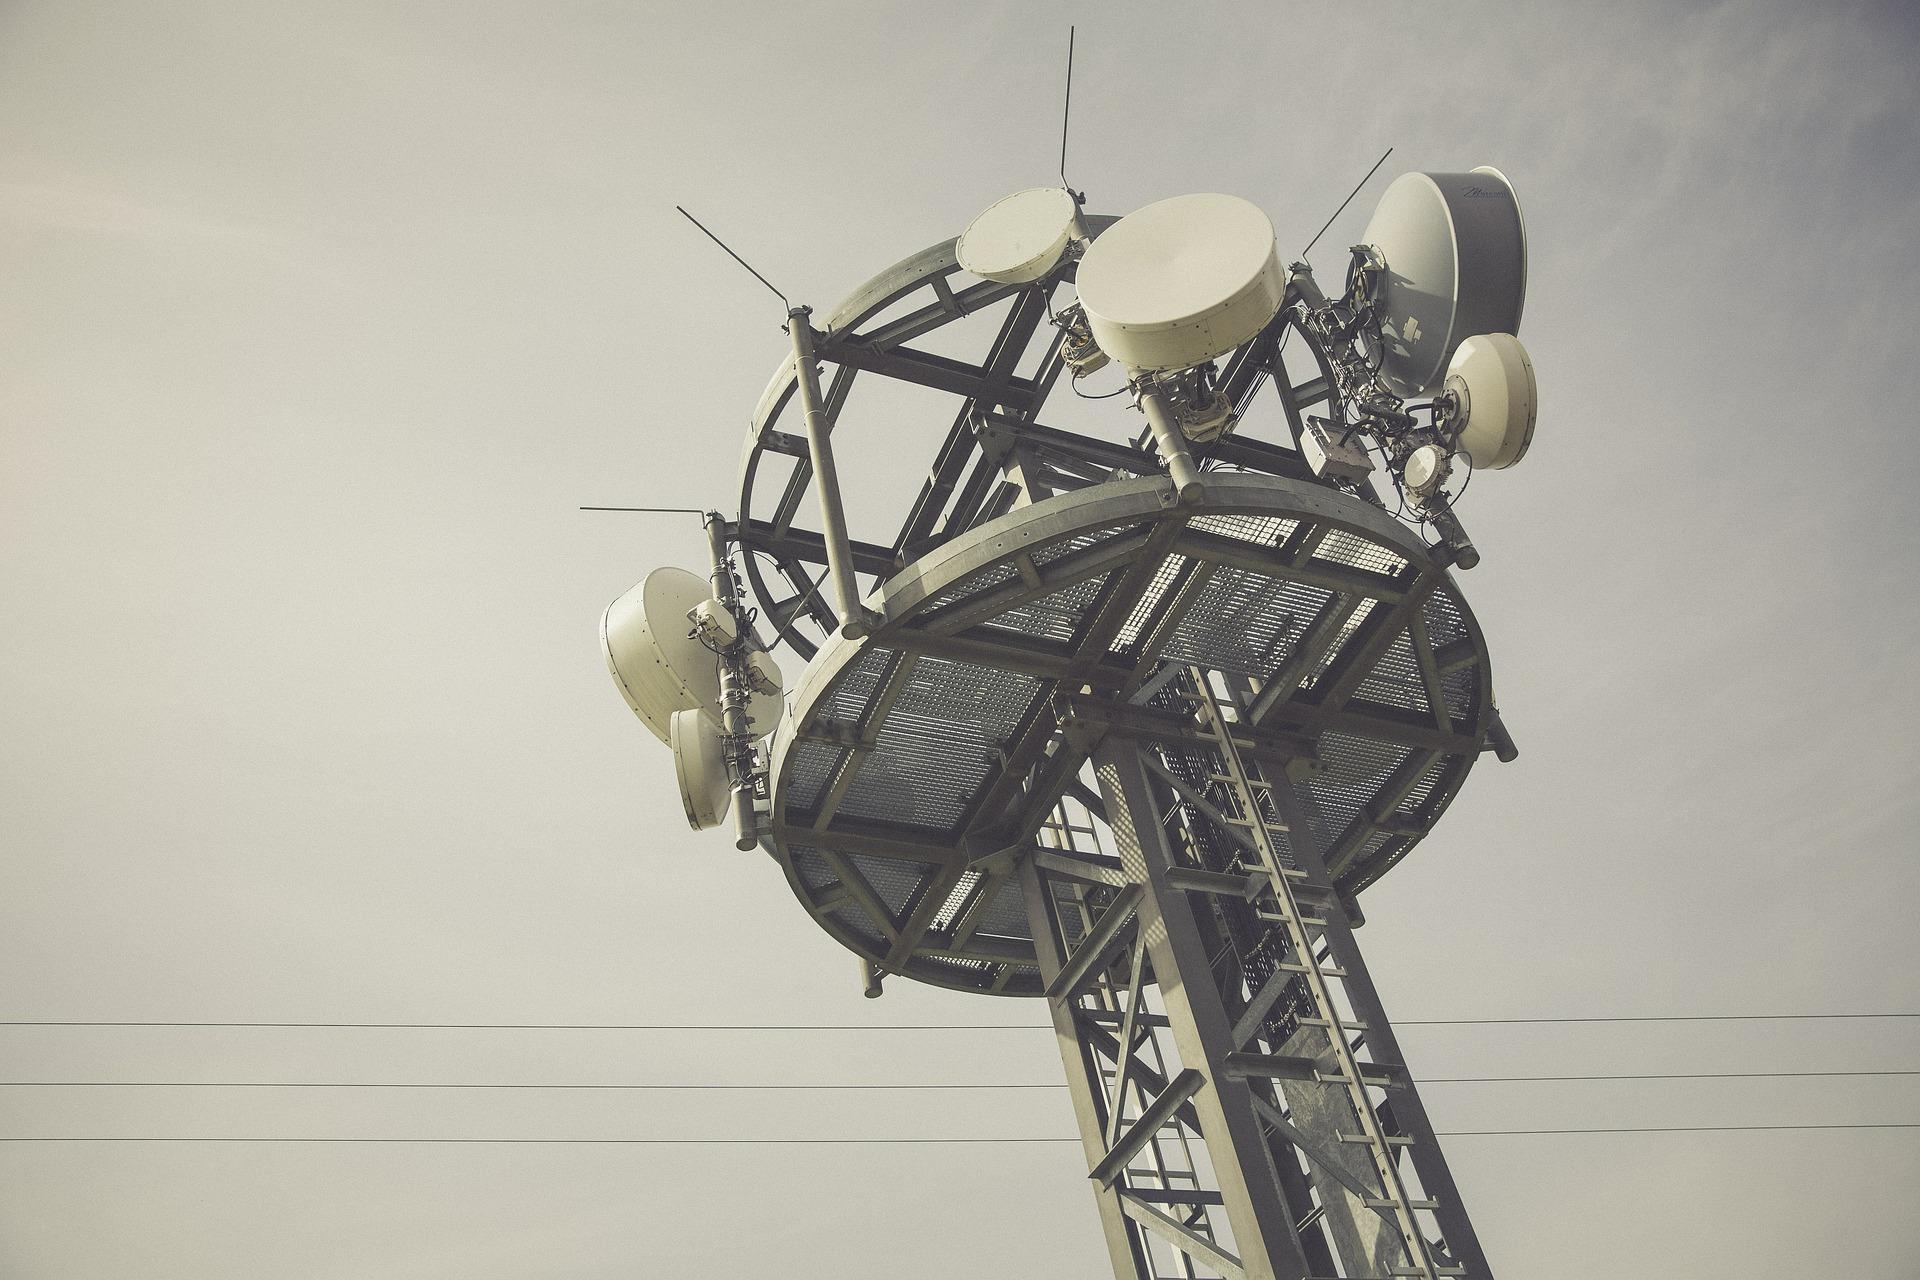 Comércio ilegal de internet via rádio caracteriza desenvolvimento clandestino de atividade de telecomunicação